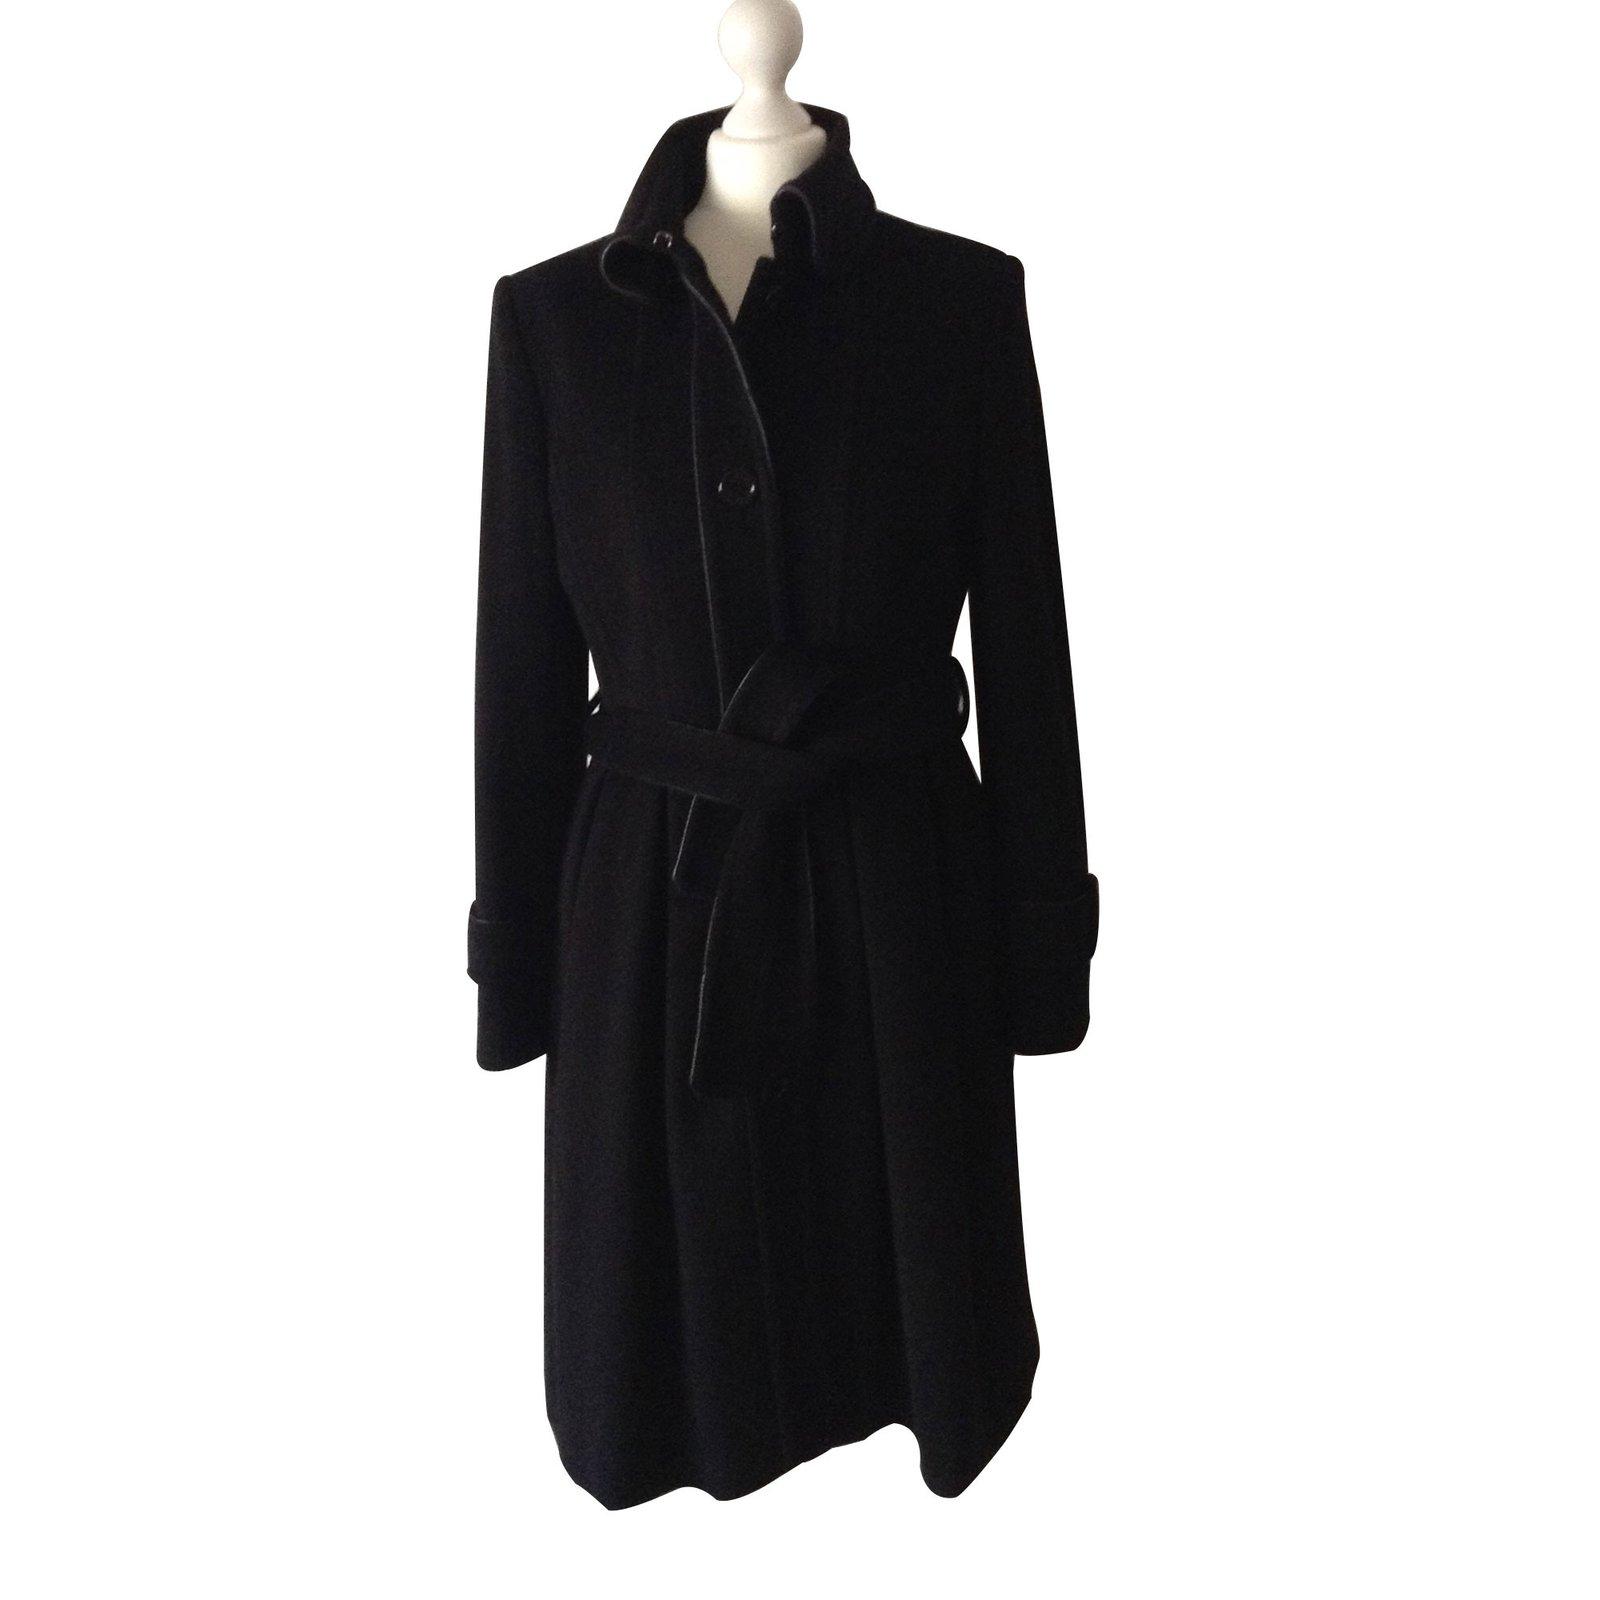 manteaux burberry manteaux laine noir joli closet. Black Bedroom Furniture Sets. Home Design Ideas